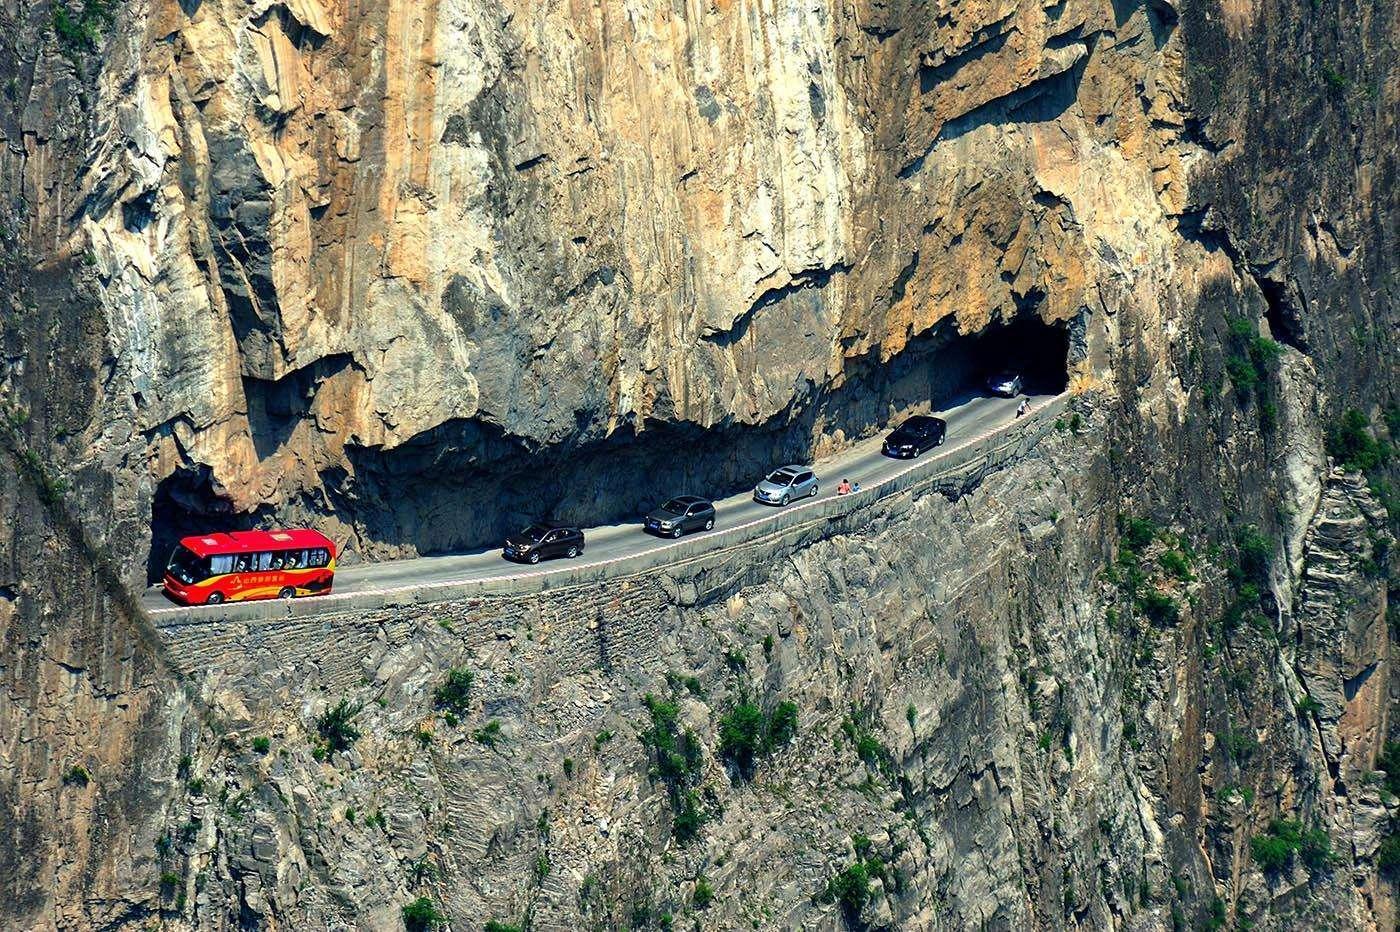 这条惊险绝美的挂壁公路,完胜郭亮,自驾爱好者们都想挑战!